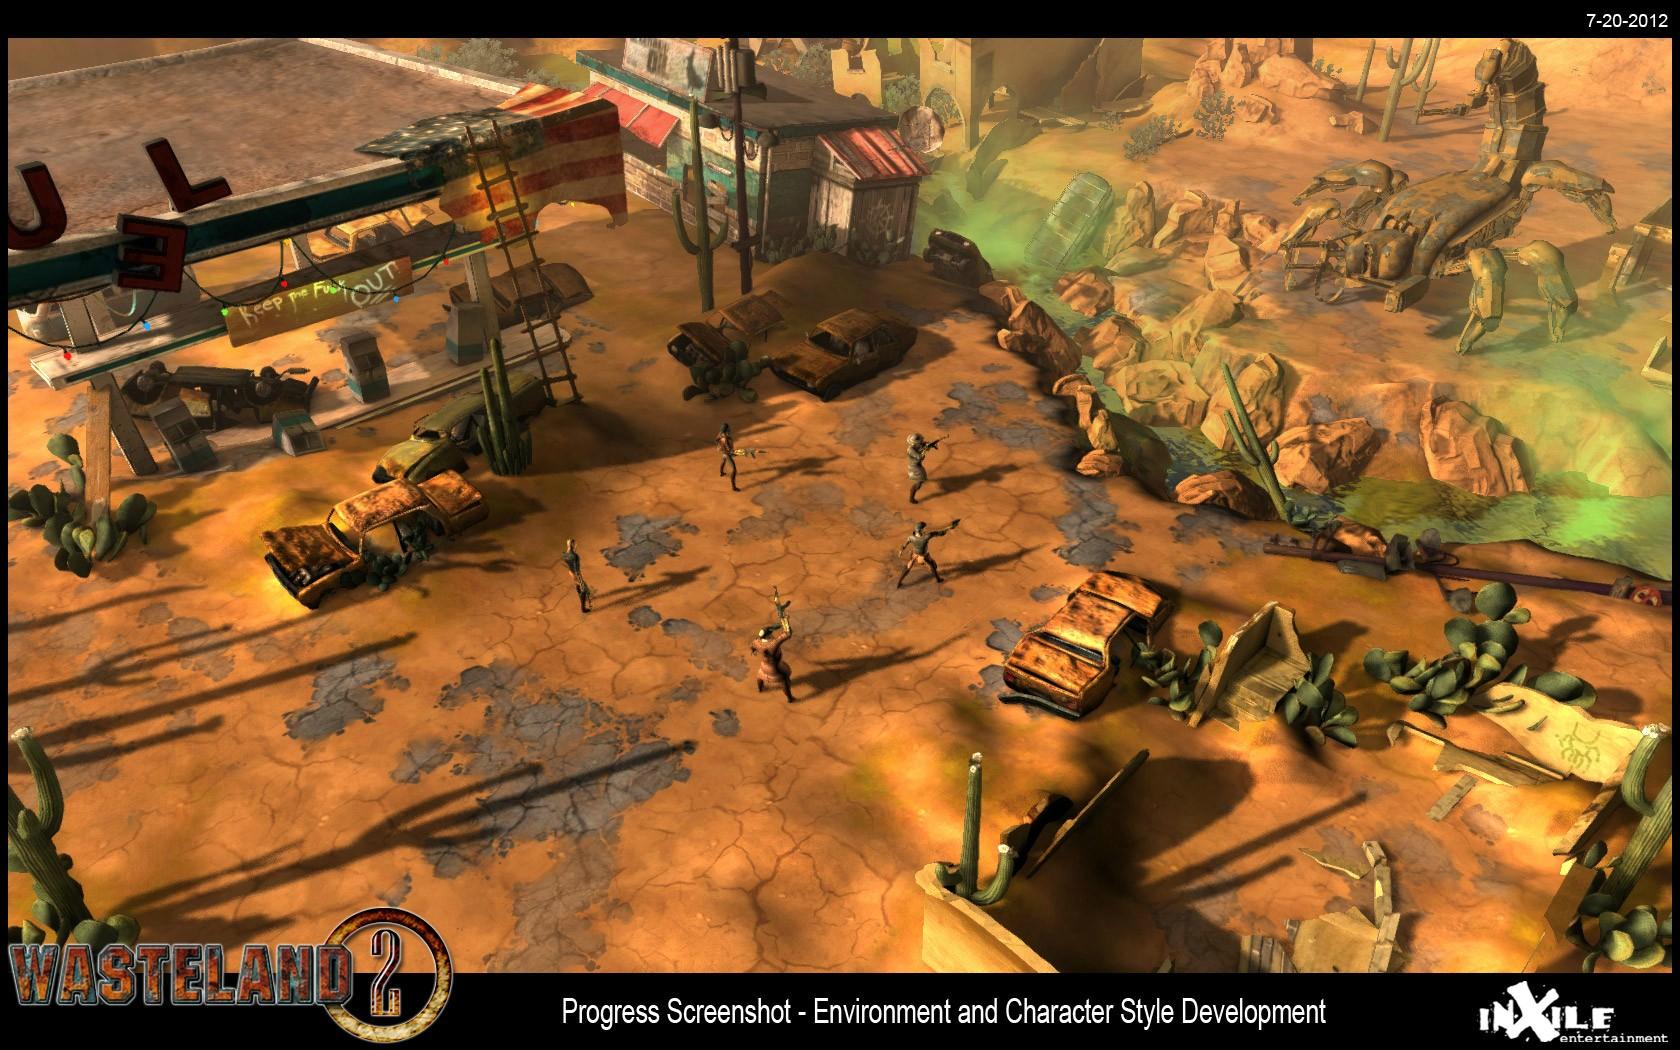 Vault šílené brahmíny - největší stránka o sérii Fallout v češtině i  slovenčine  5a7ccdea93